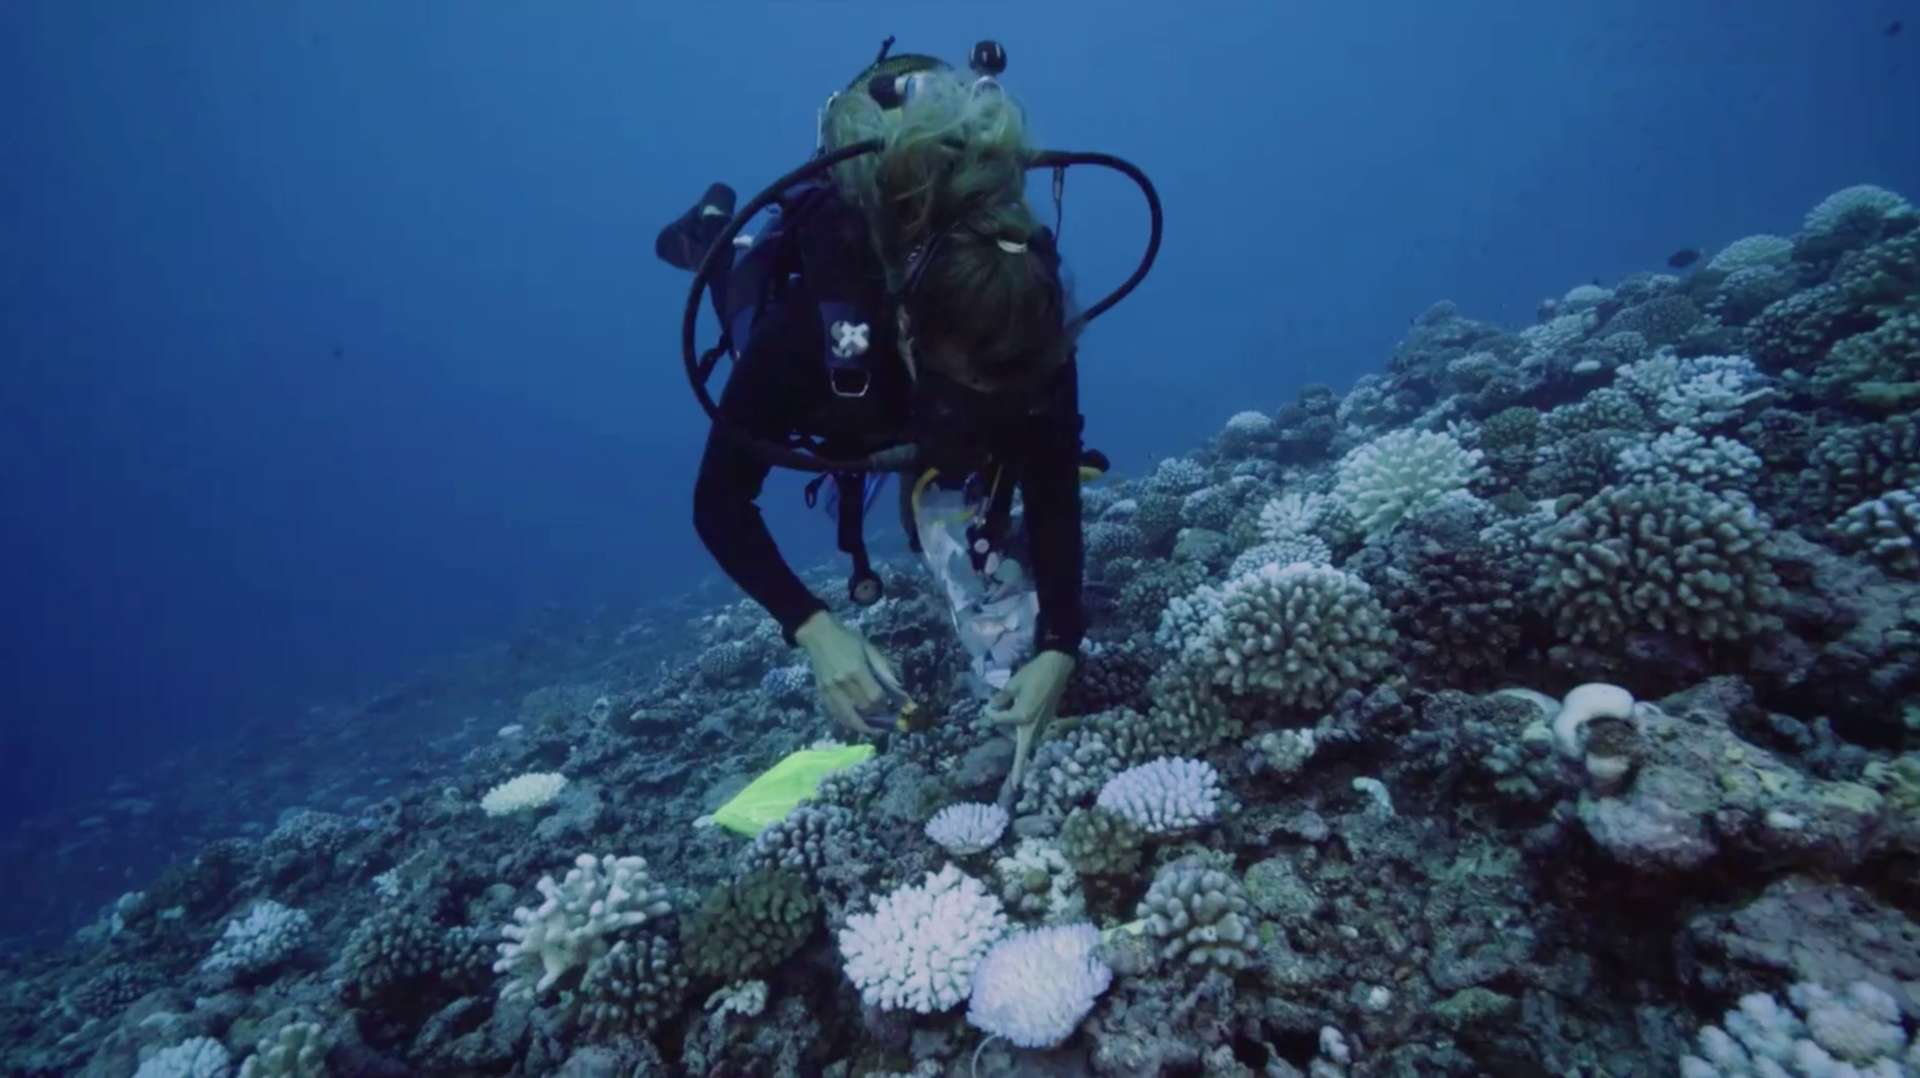 Une plongeuse prélève un échantillon de récif coralien. © Wochit